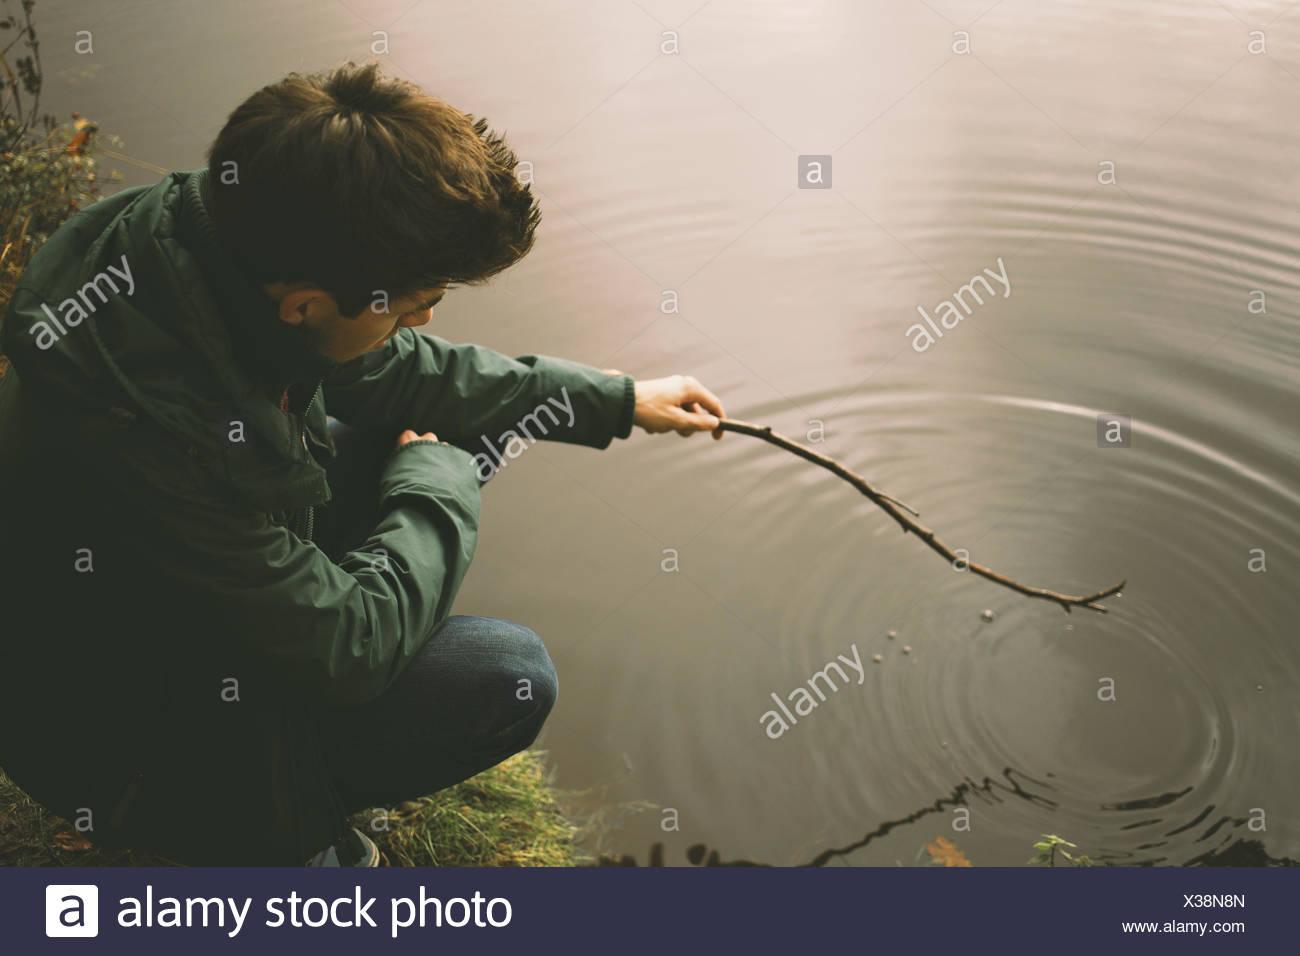 Jeune homme accroupi sur berge faisant des ondulations dans l'eau avec twig Photo Stock